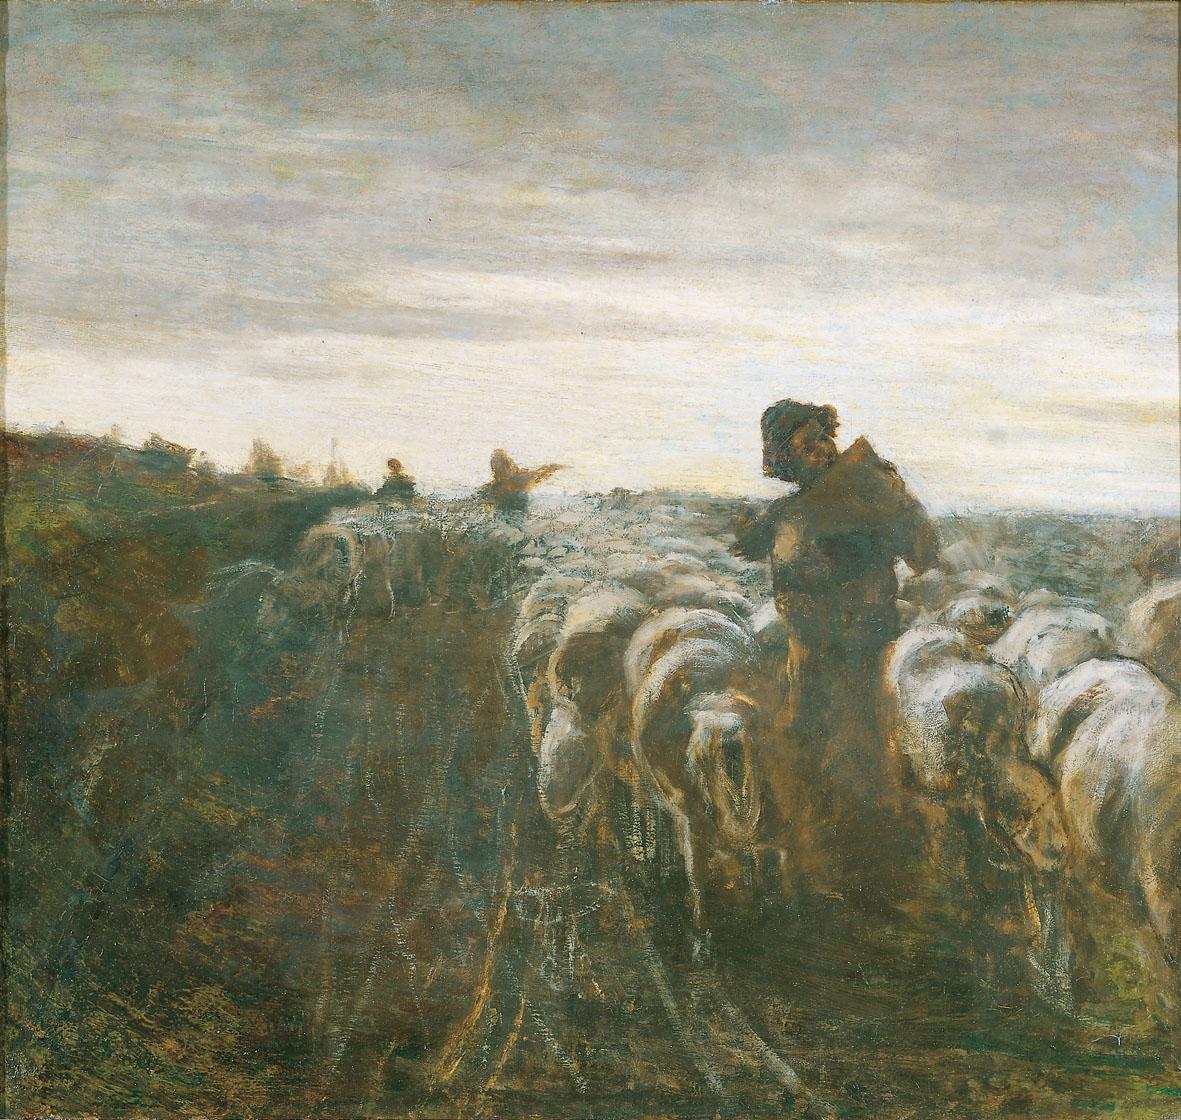 Giovanni Segantini: Il ritorno dal pascolo, Olio su tela. Collezione privata